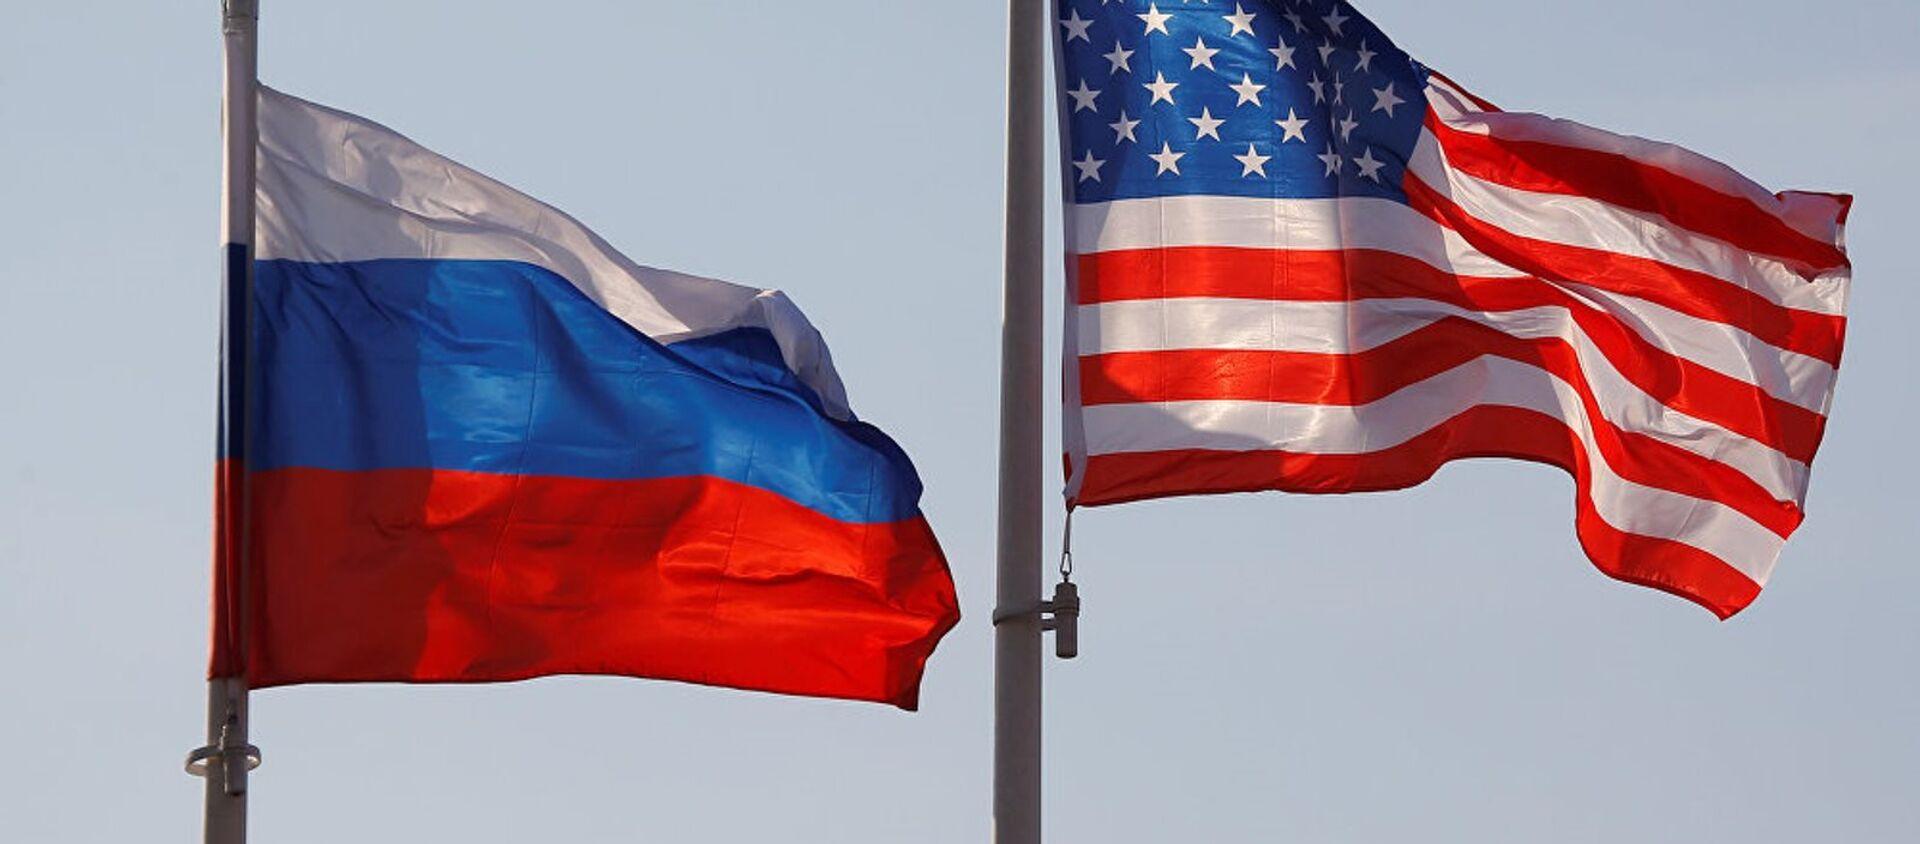 ABD-Rusya bayrakları - Sputnik Türkiye, 1920, 23.04.2021